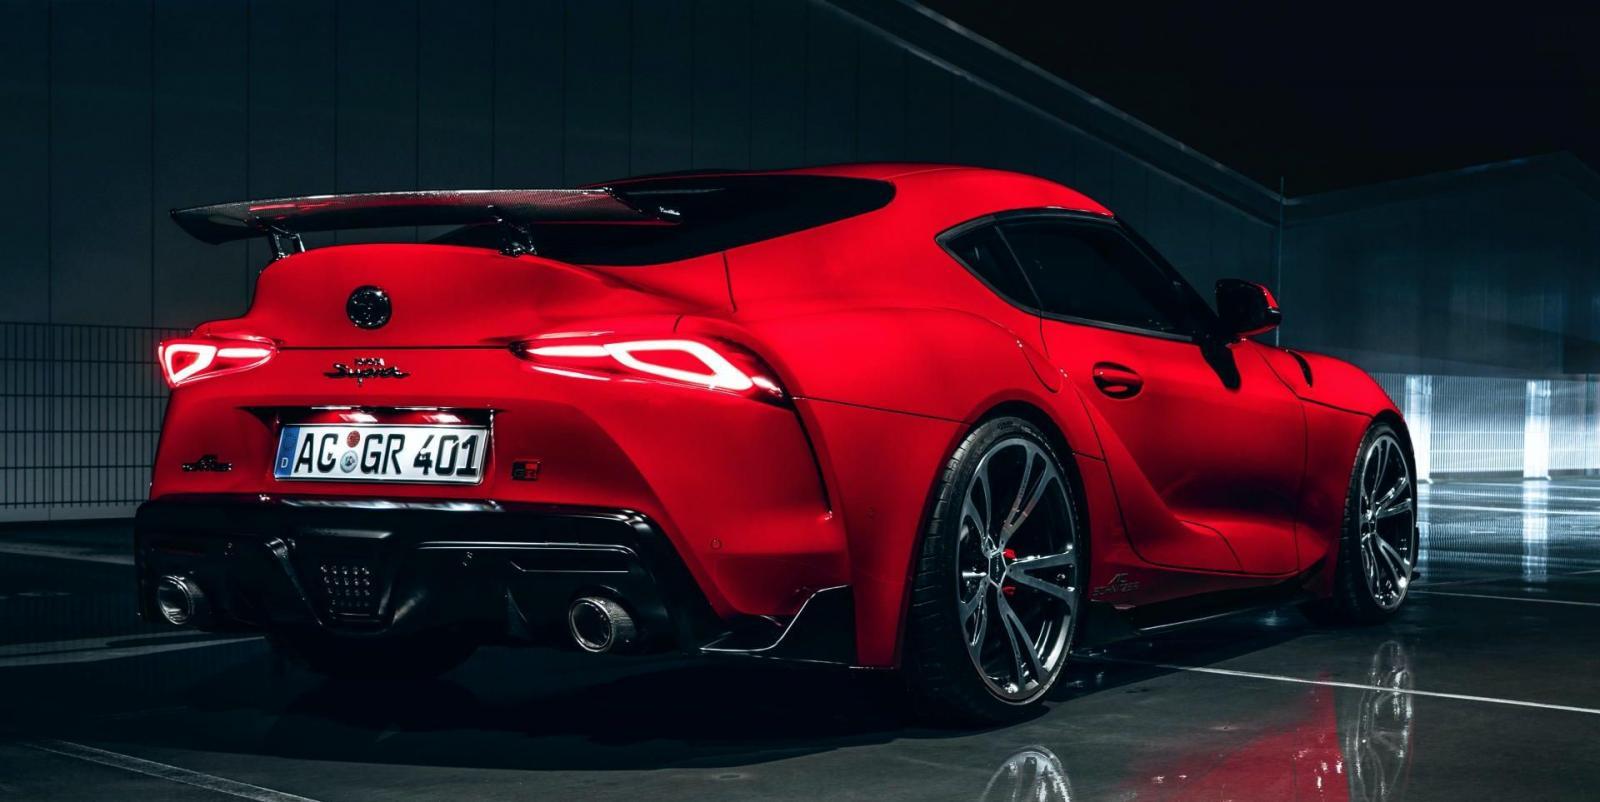 El Toyota GR Supra de AC Schnitzer entrega hasta 394 caballos de fuerza debido a las modificaciones en el motor